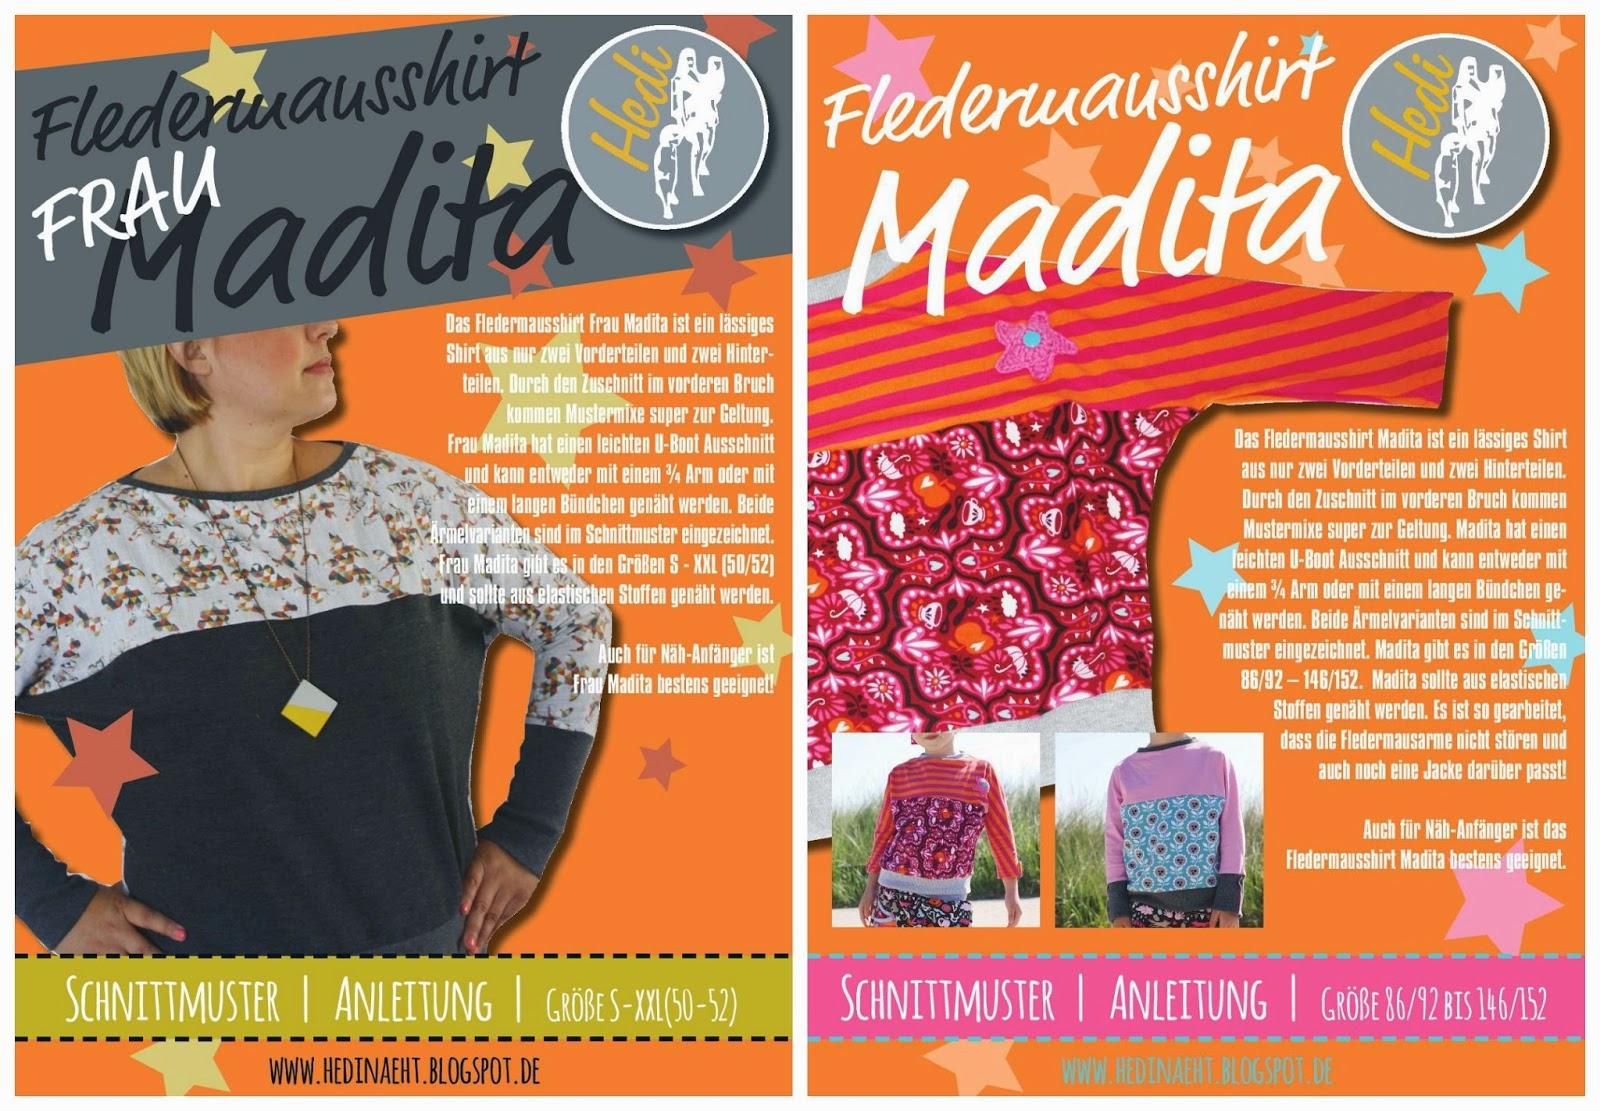 HEDI: Fledermausshirt Madita und Frau Madita sind online!